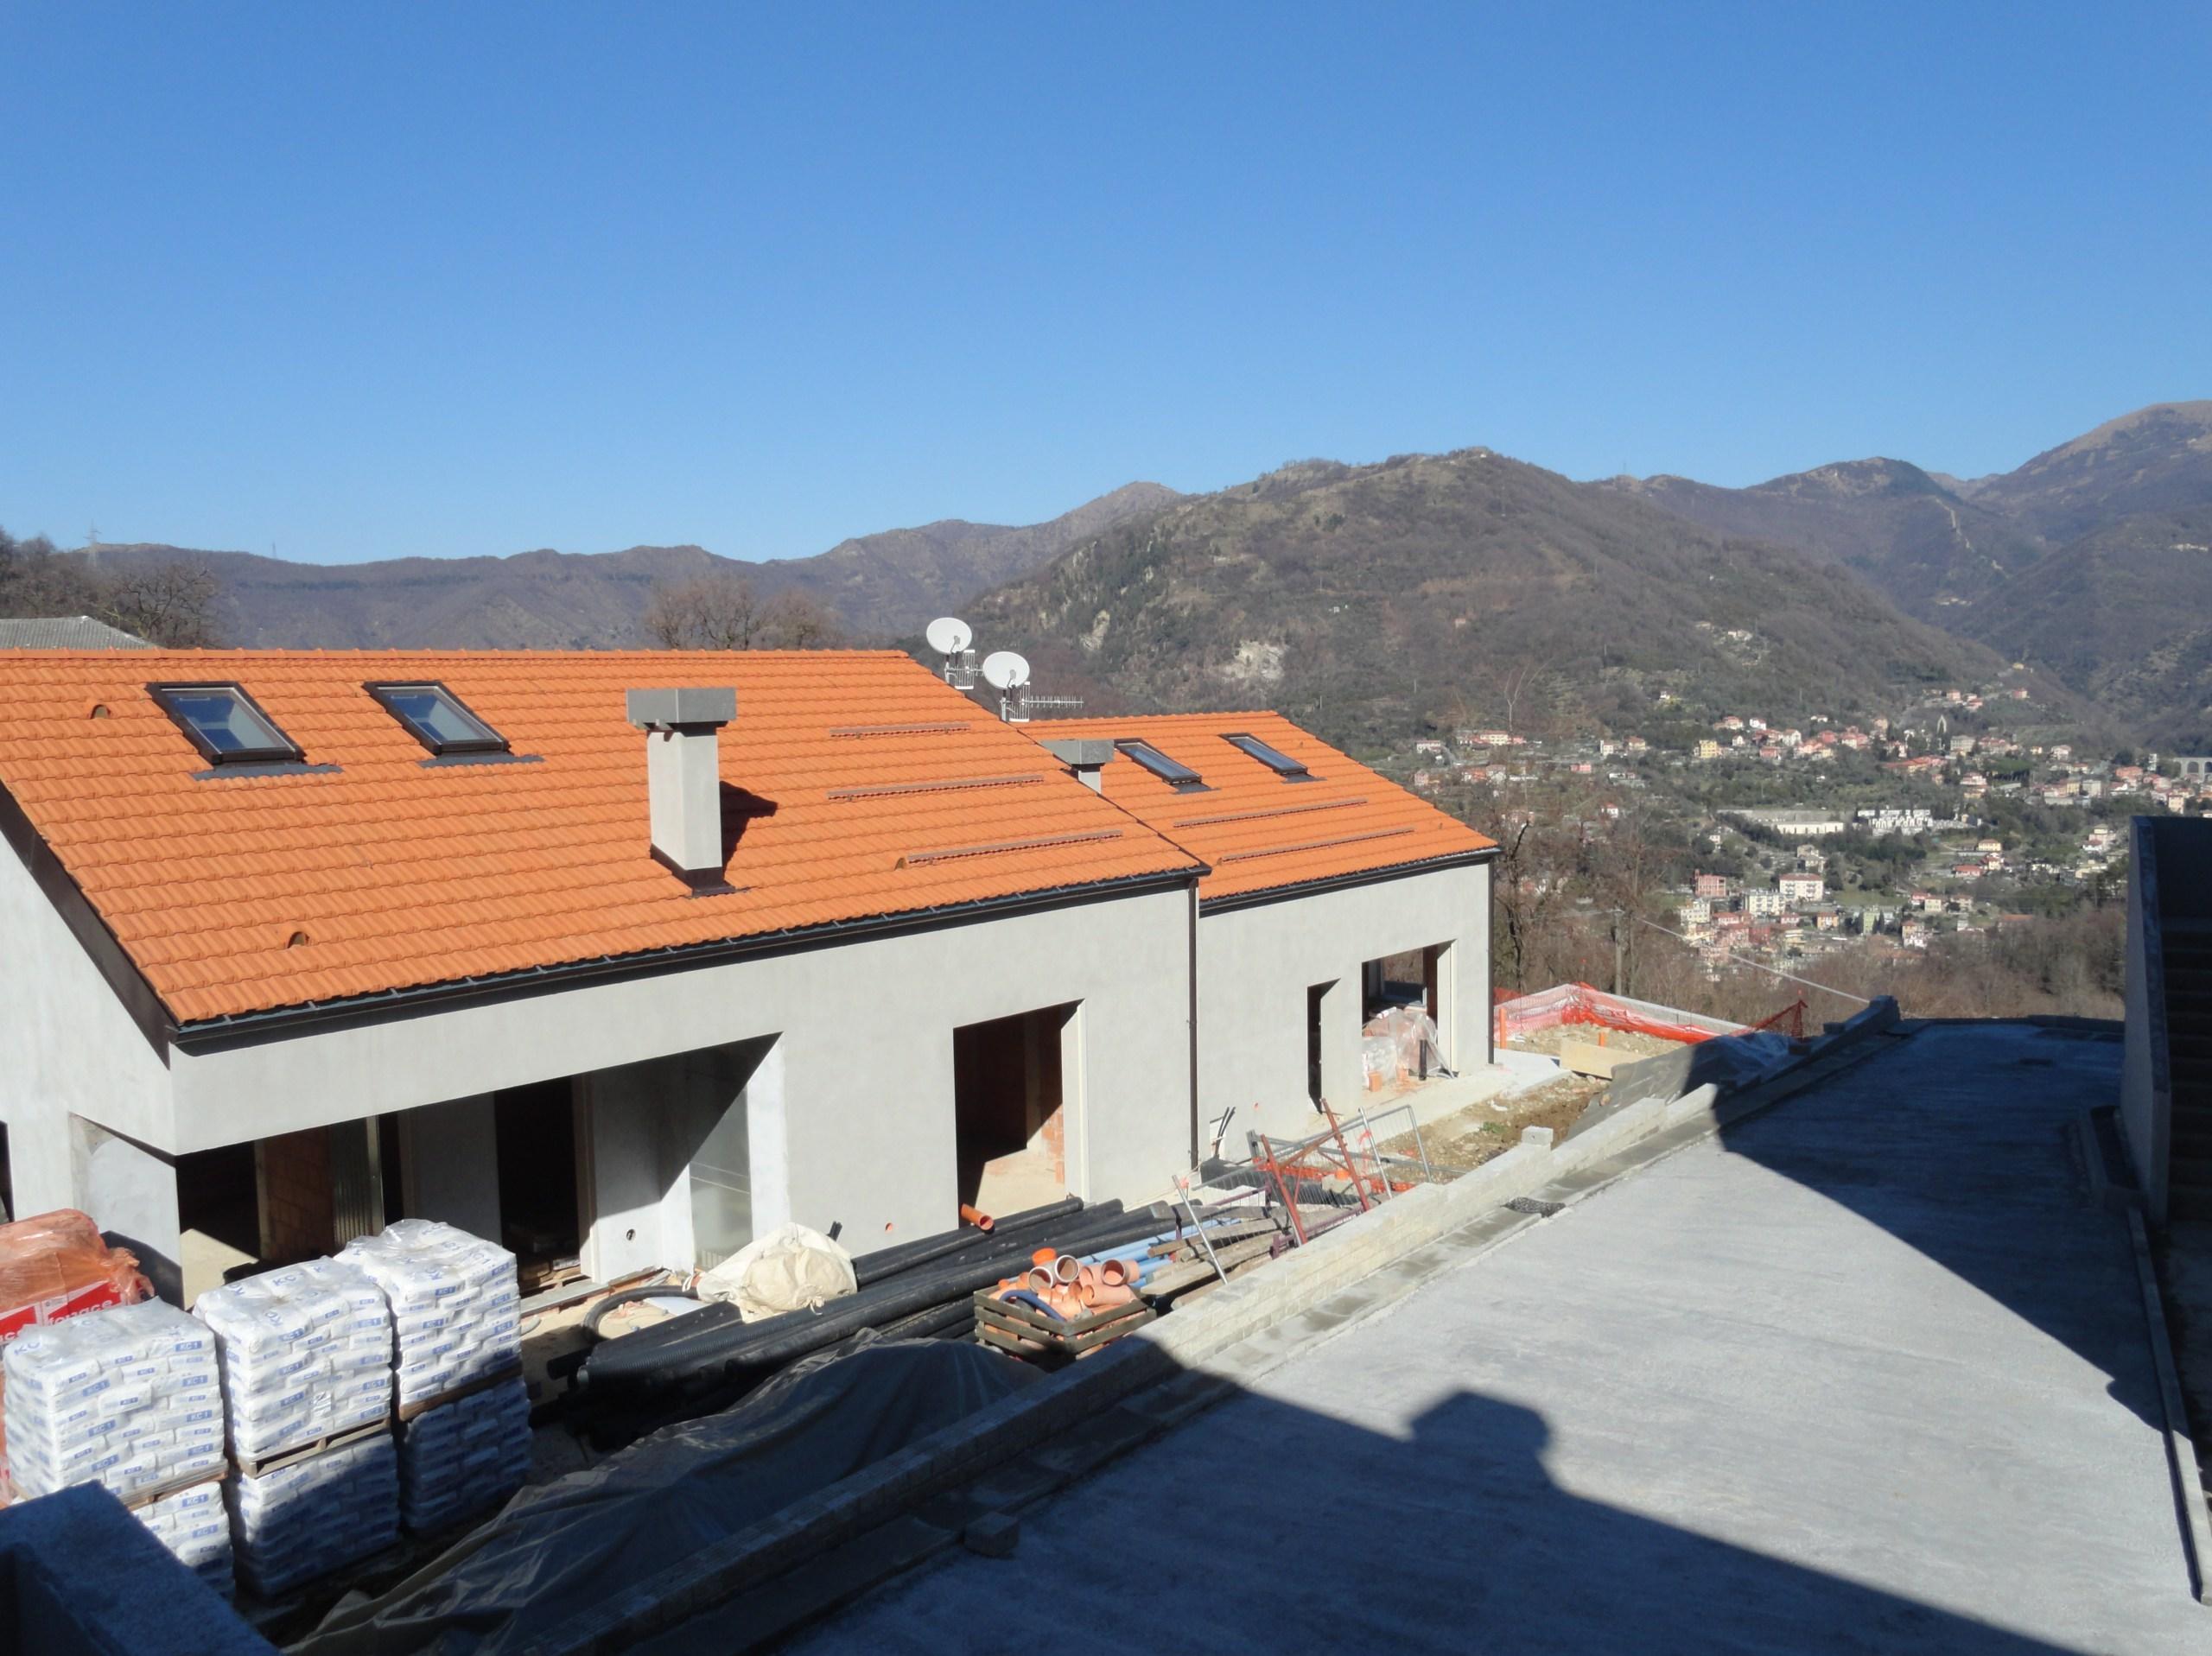 Codice 08601 case villa o casa indipendente in vendita a for Case indipendenti in vendita genova